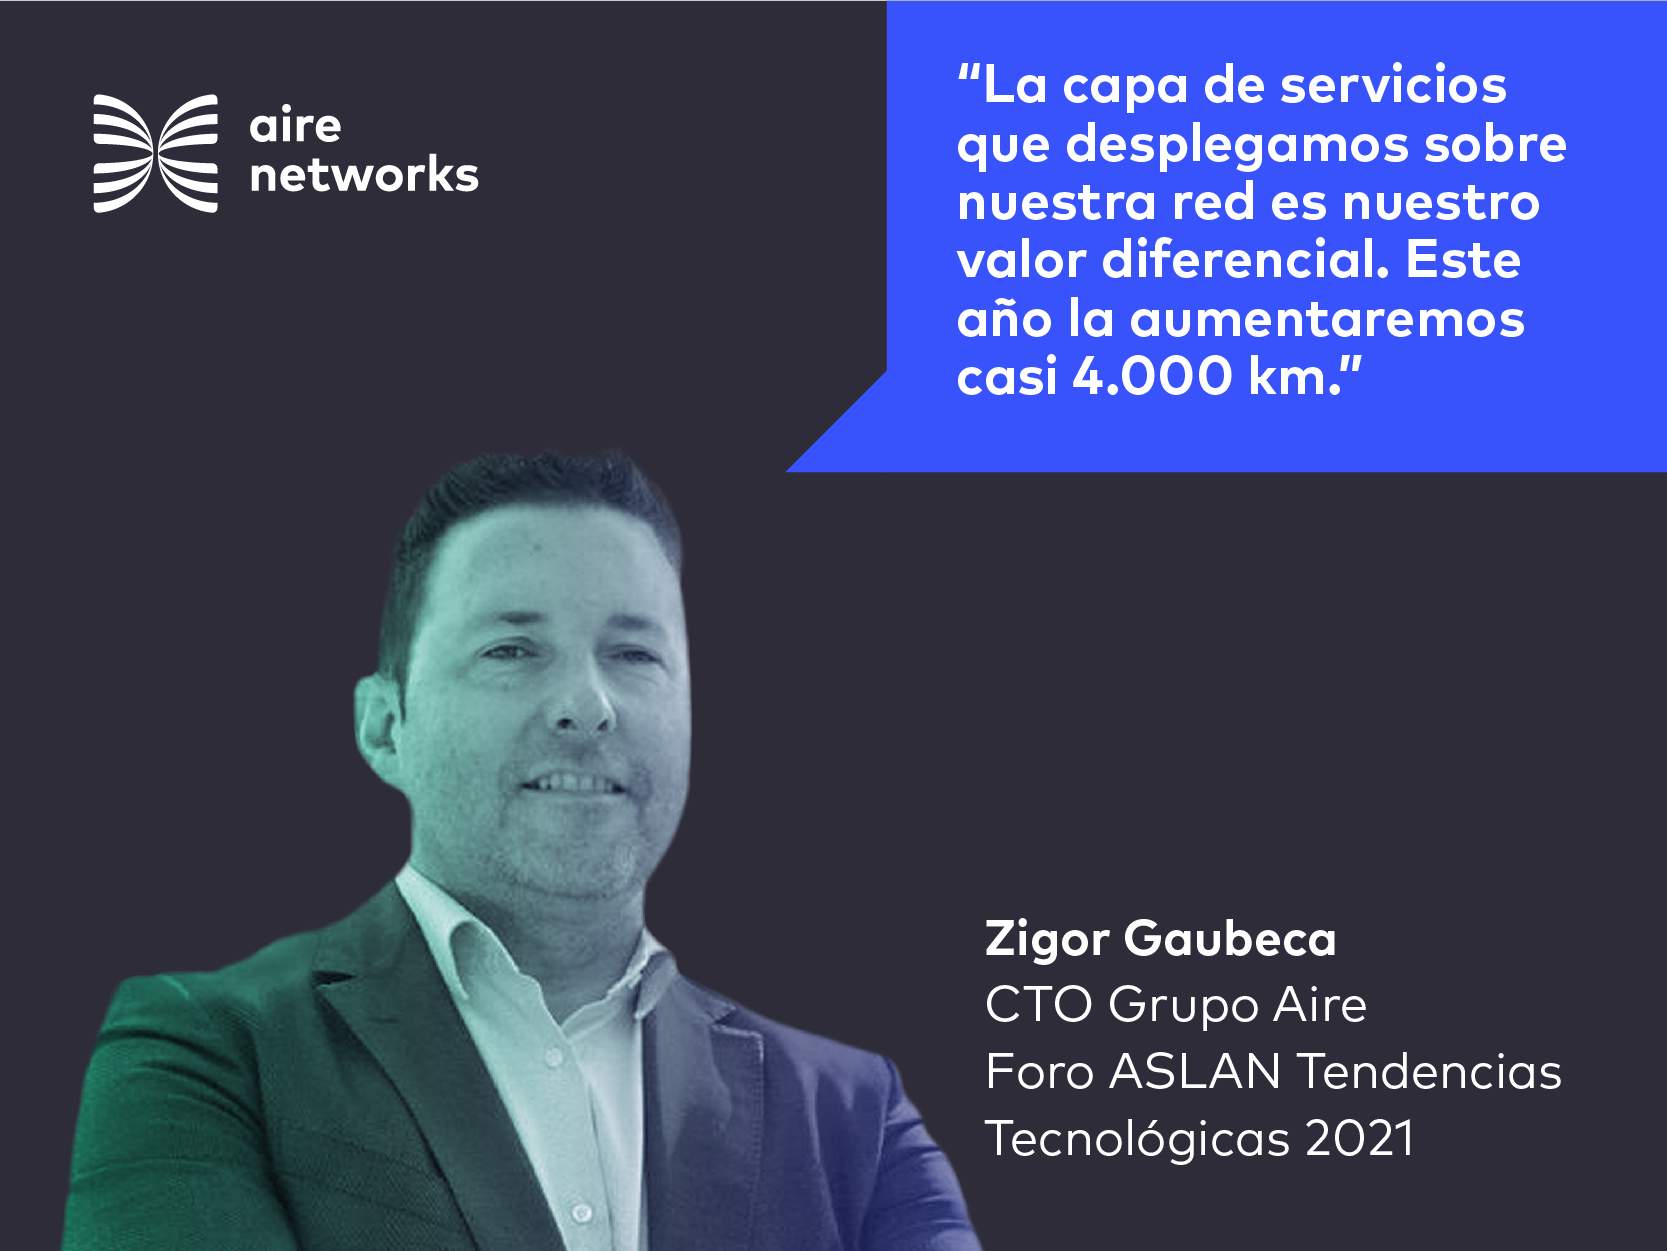 Zigor Gaubeca, CTO de Aire Networks